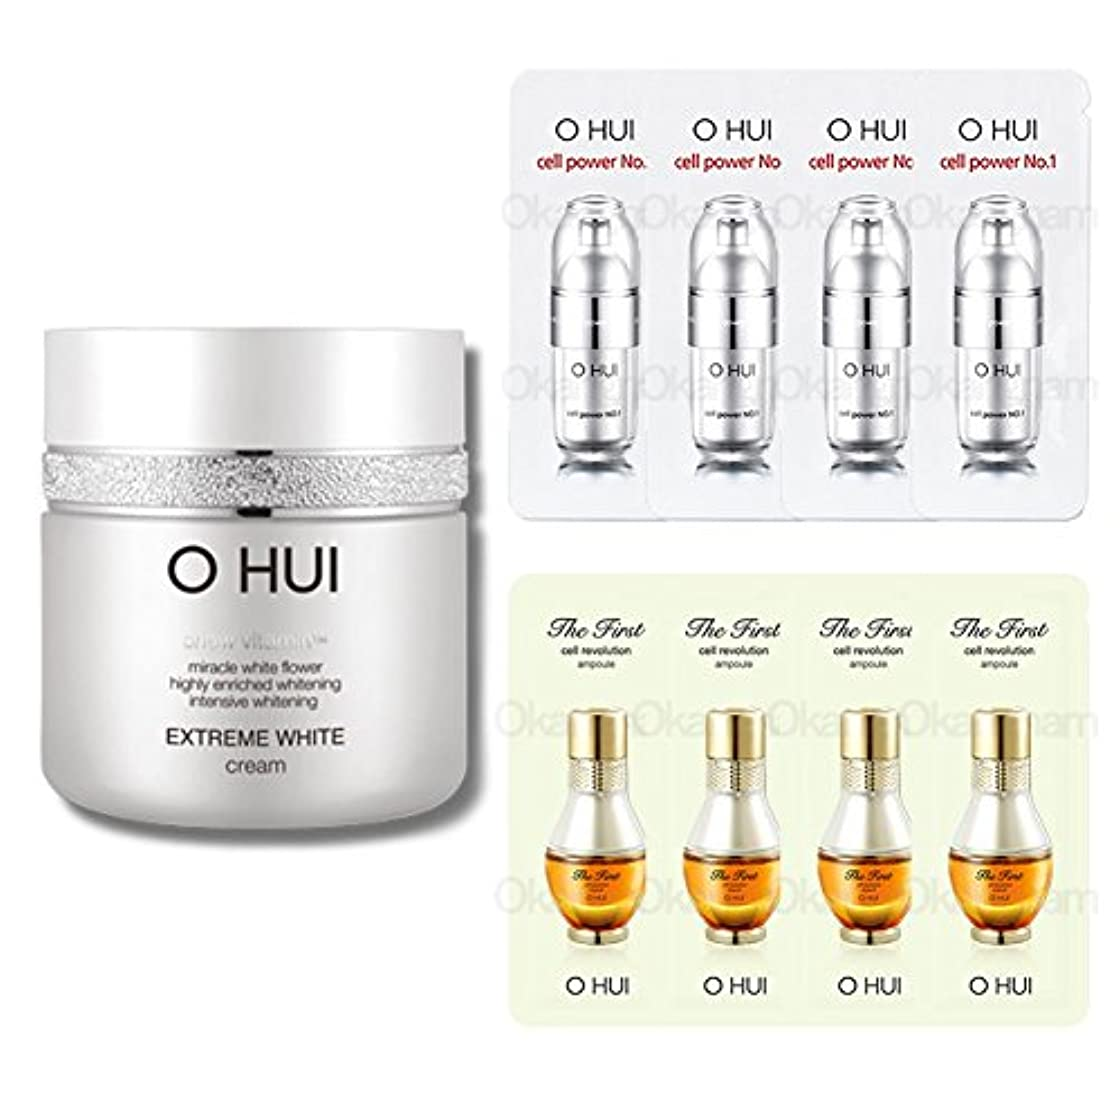 扇動スーパーフレッシュ[オフィ/ O HUI]韓国化粧品 LG生活健康/ OHUI OEW04 EXTREME WHITE CREAM/オフィ エクストリーム ホワイトクリーム 50ml +[Sample Gift](海外直送品)